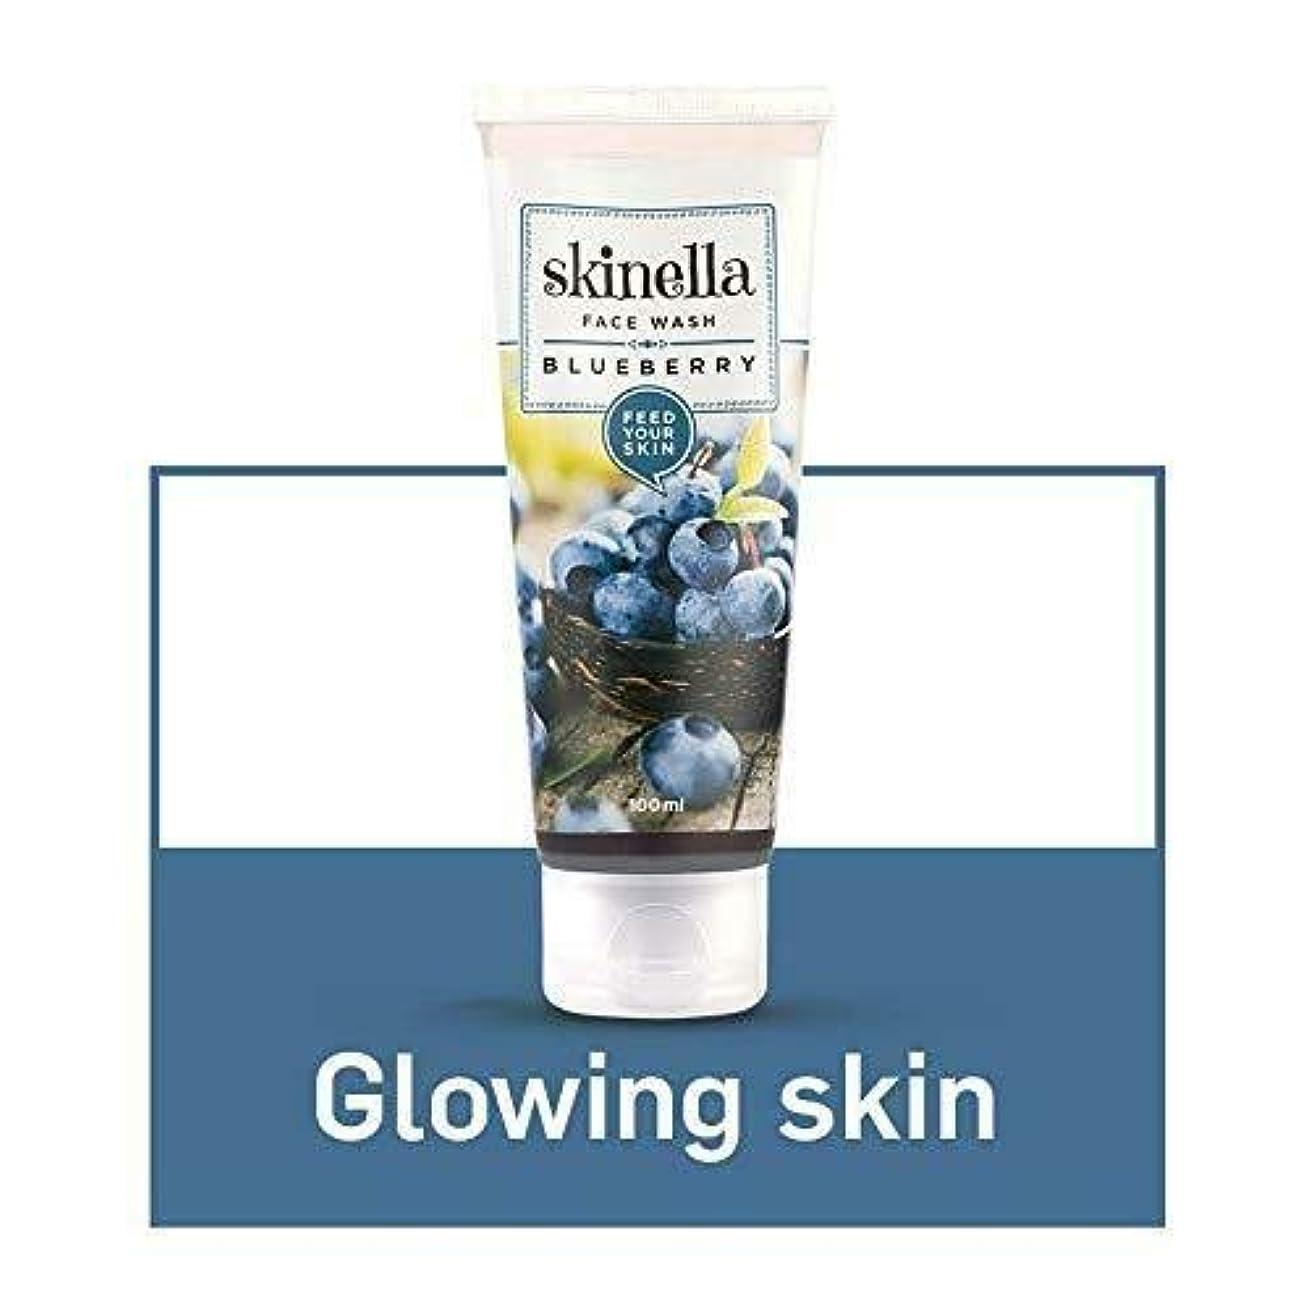 消える永続ピービッシュSkinella Blueberry Face Wash 100ml blueberry extracts & olive oil Cleanses Skin Skinellaブルーベリーフェイスウォッシュ ブルーベリーエキス...